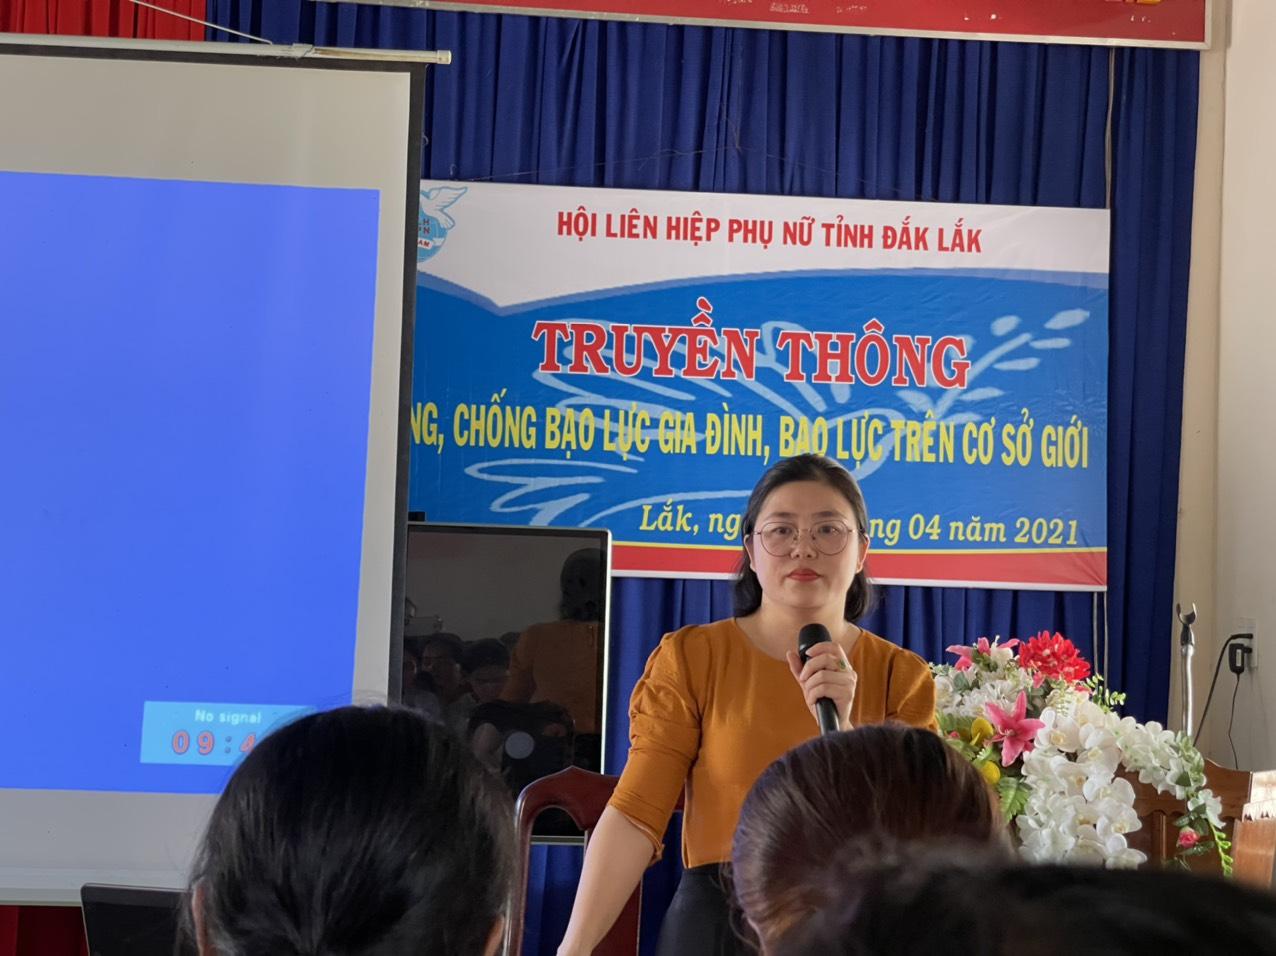 Truyền thông phòng, chống bạo lực gia đình cho trên 500 cán bộ, hội viên phụ nữ